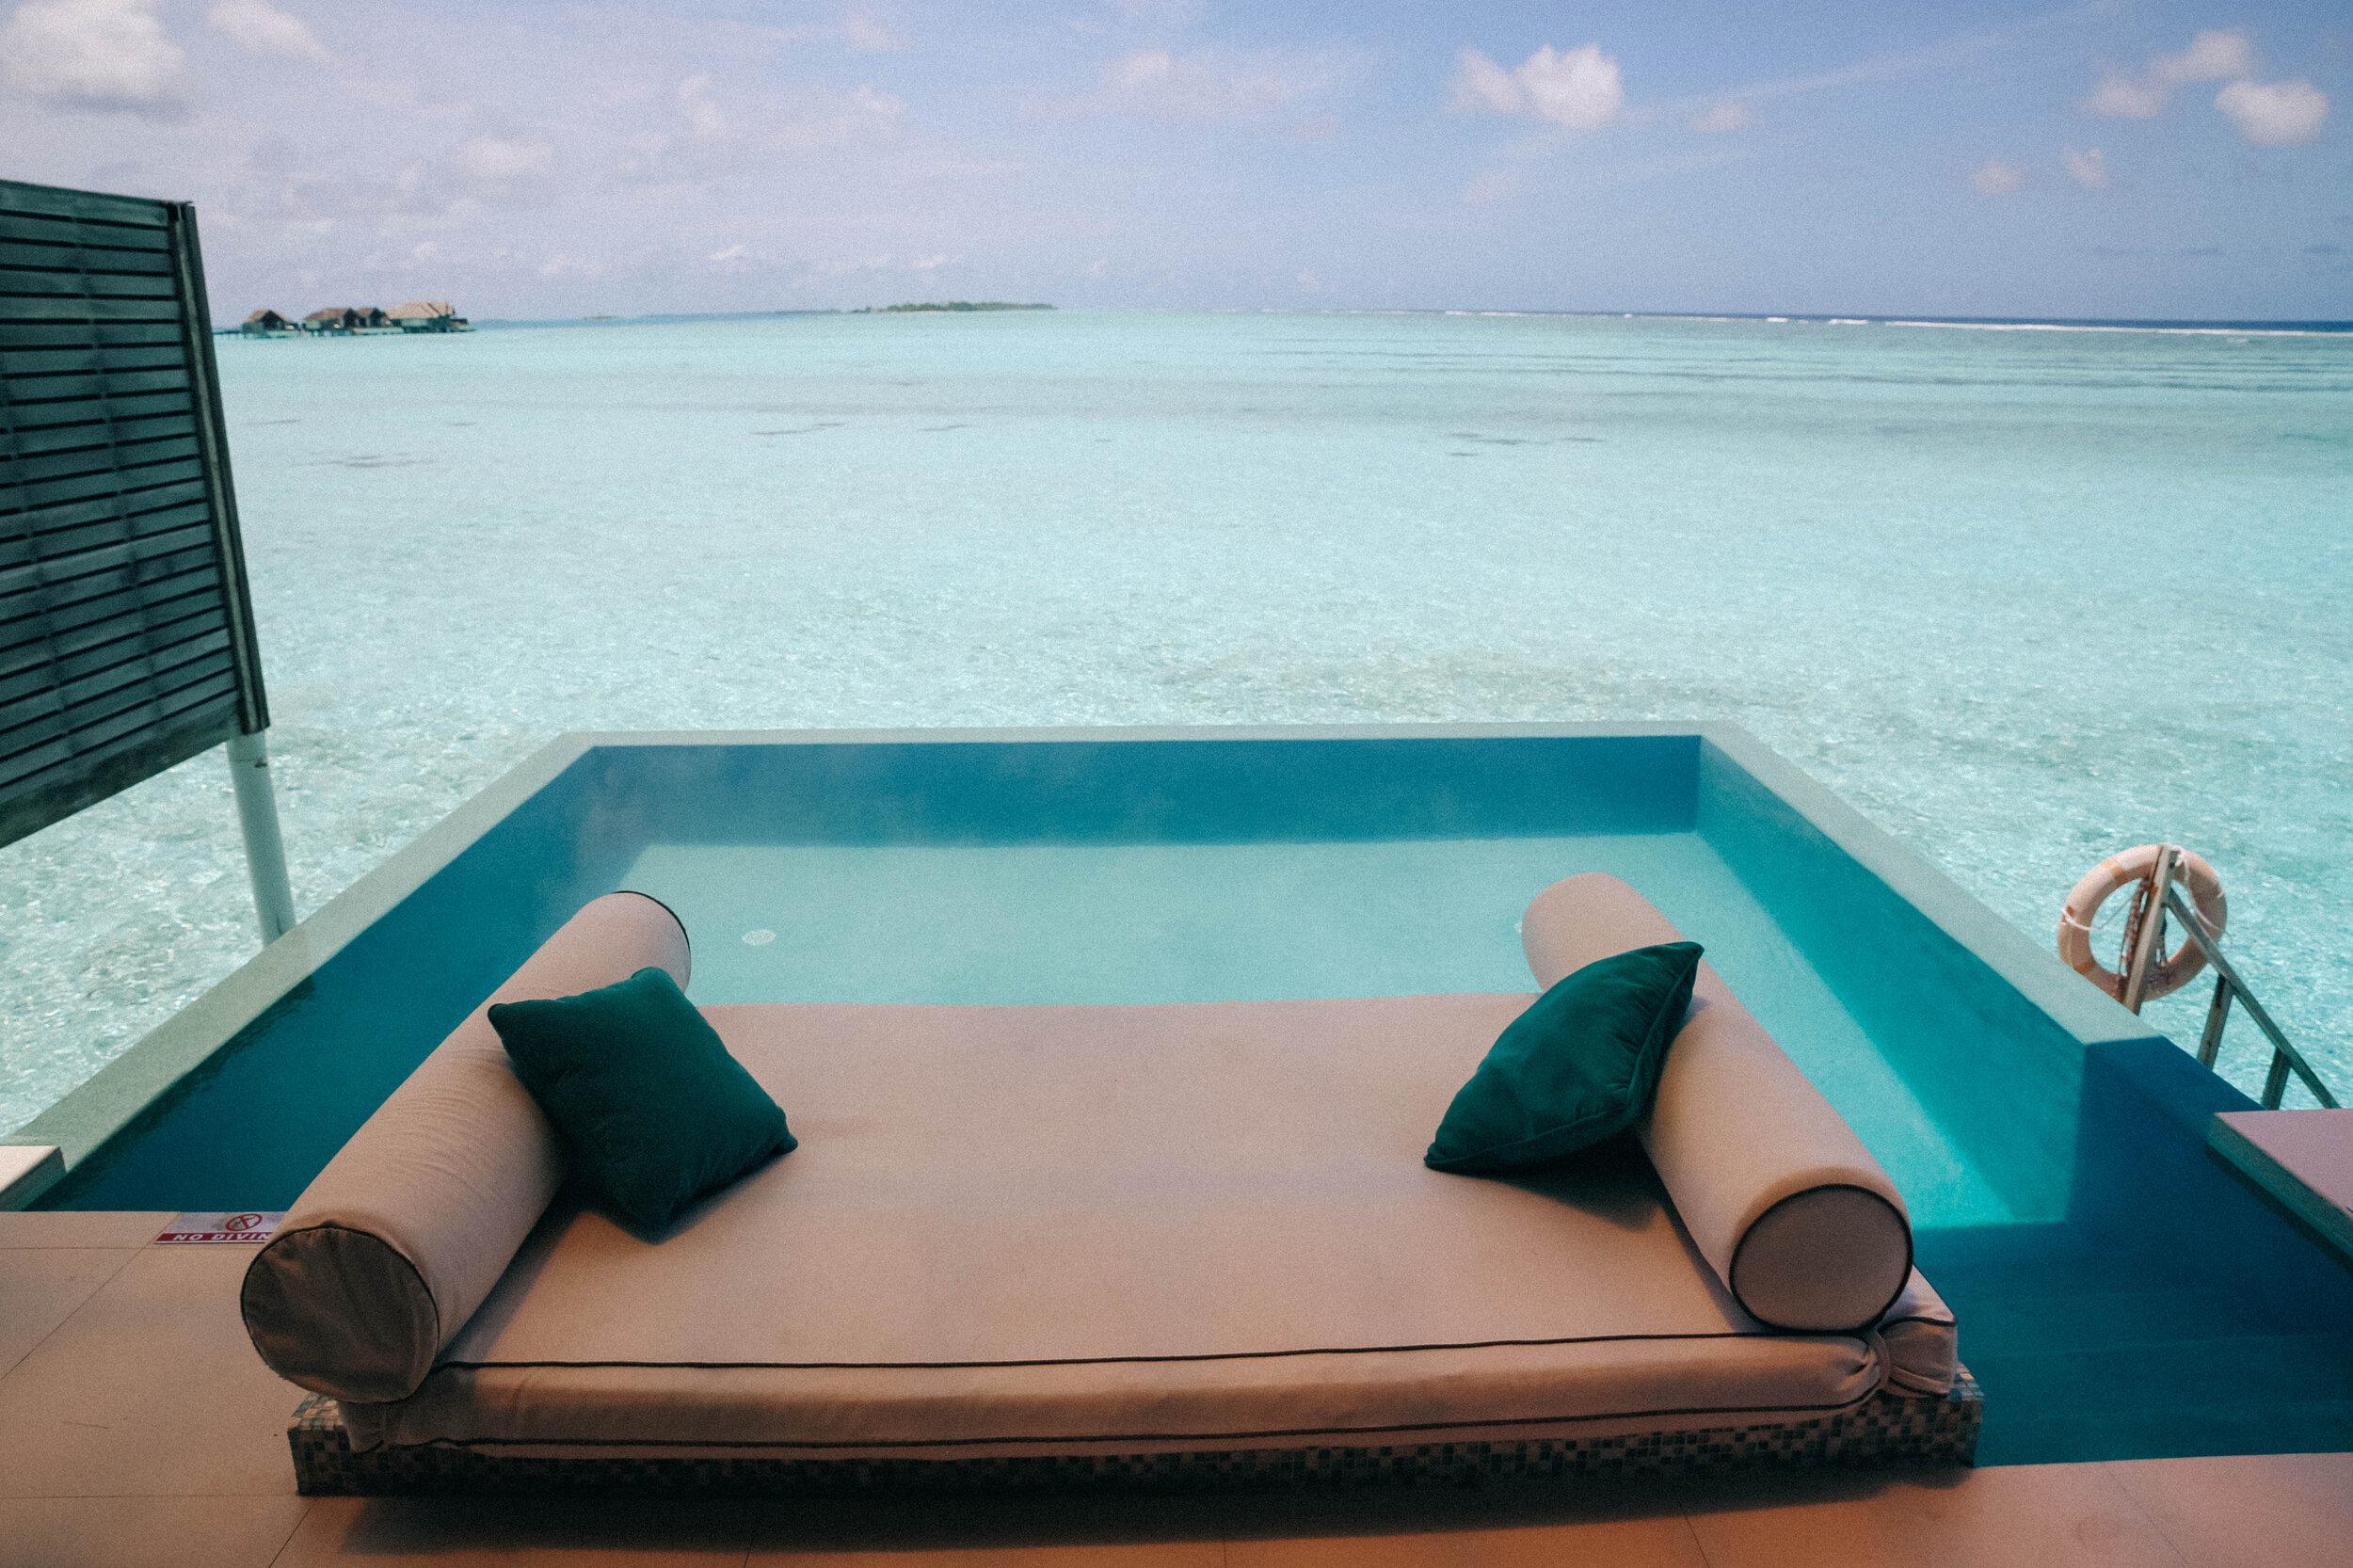 Maldives fitness retreat, niyama maldives